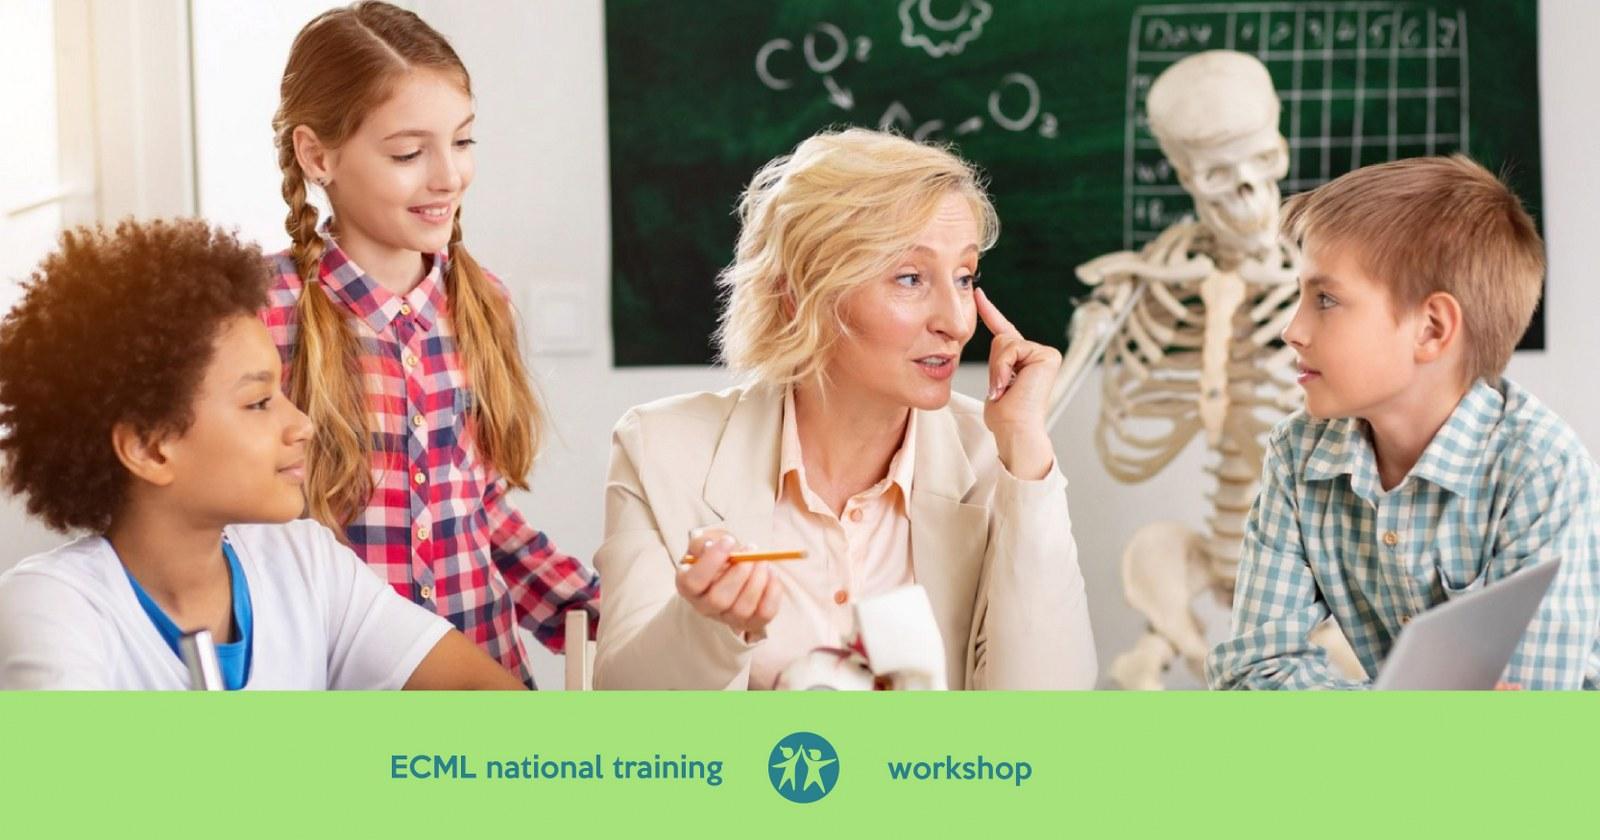 ecml training